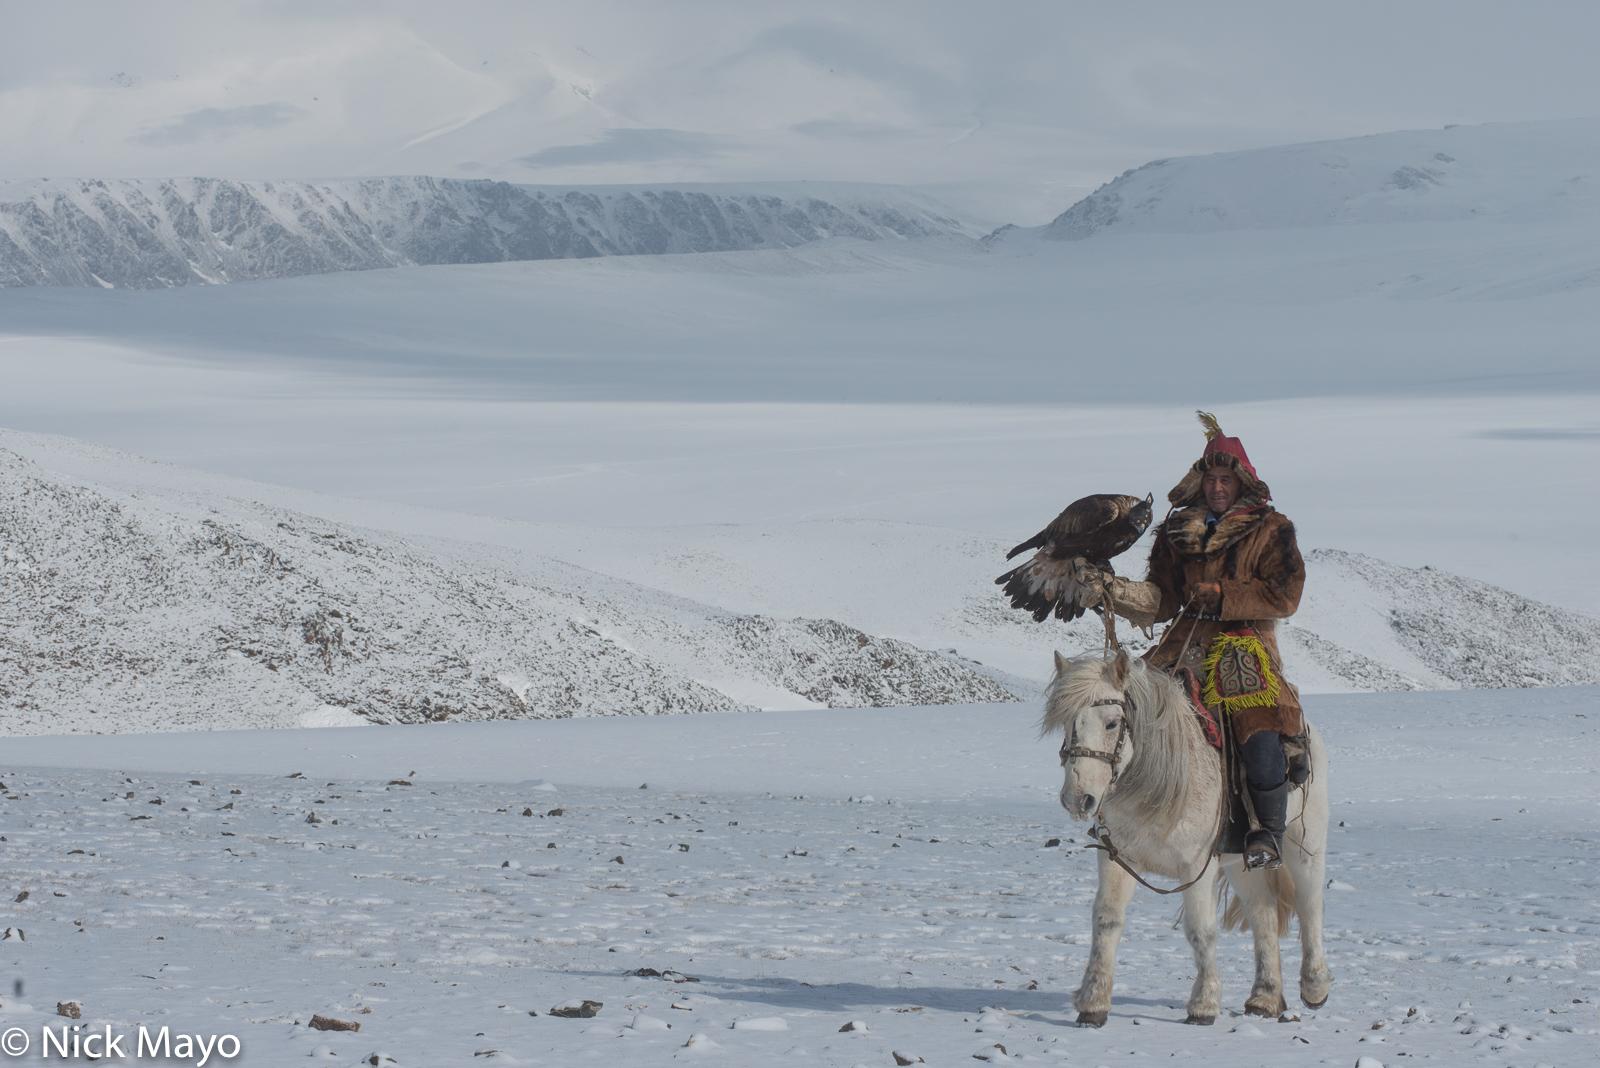 Bayan-Ölgii, Eagle, Horse, Hunting, Kazakh, Mongolia, photo